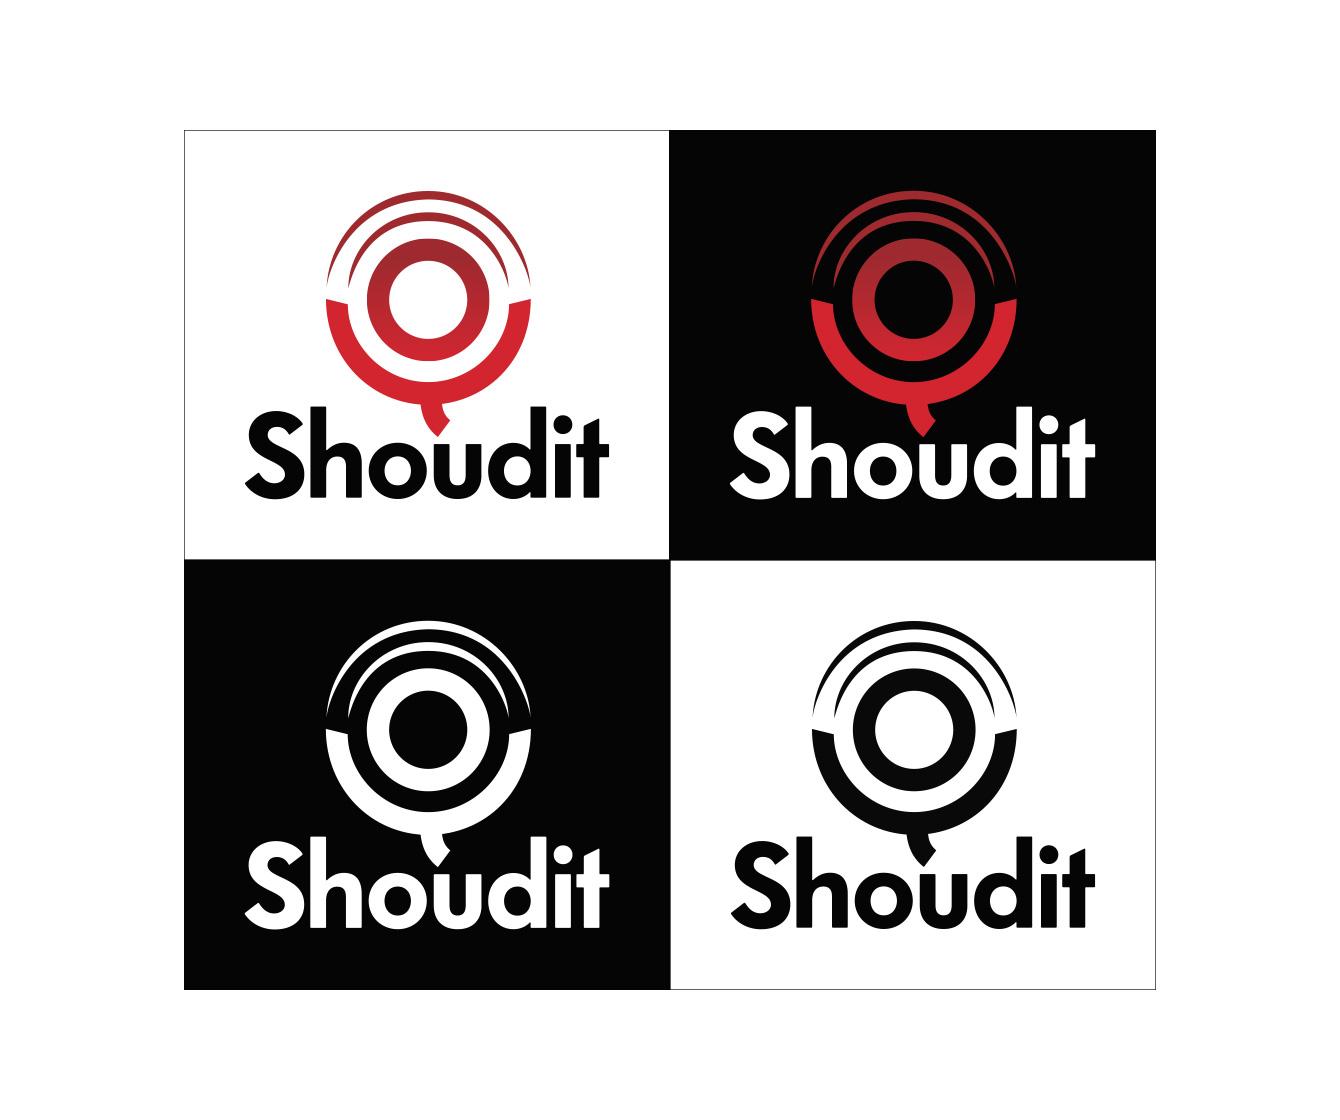 shoudit_logos_a